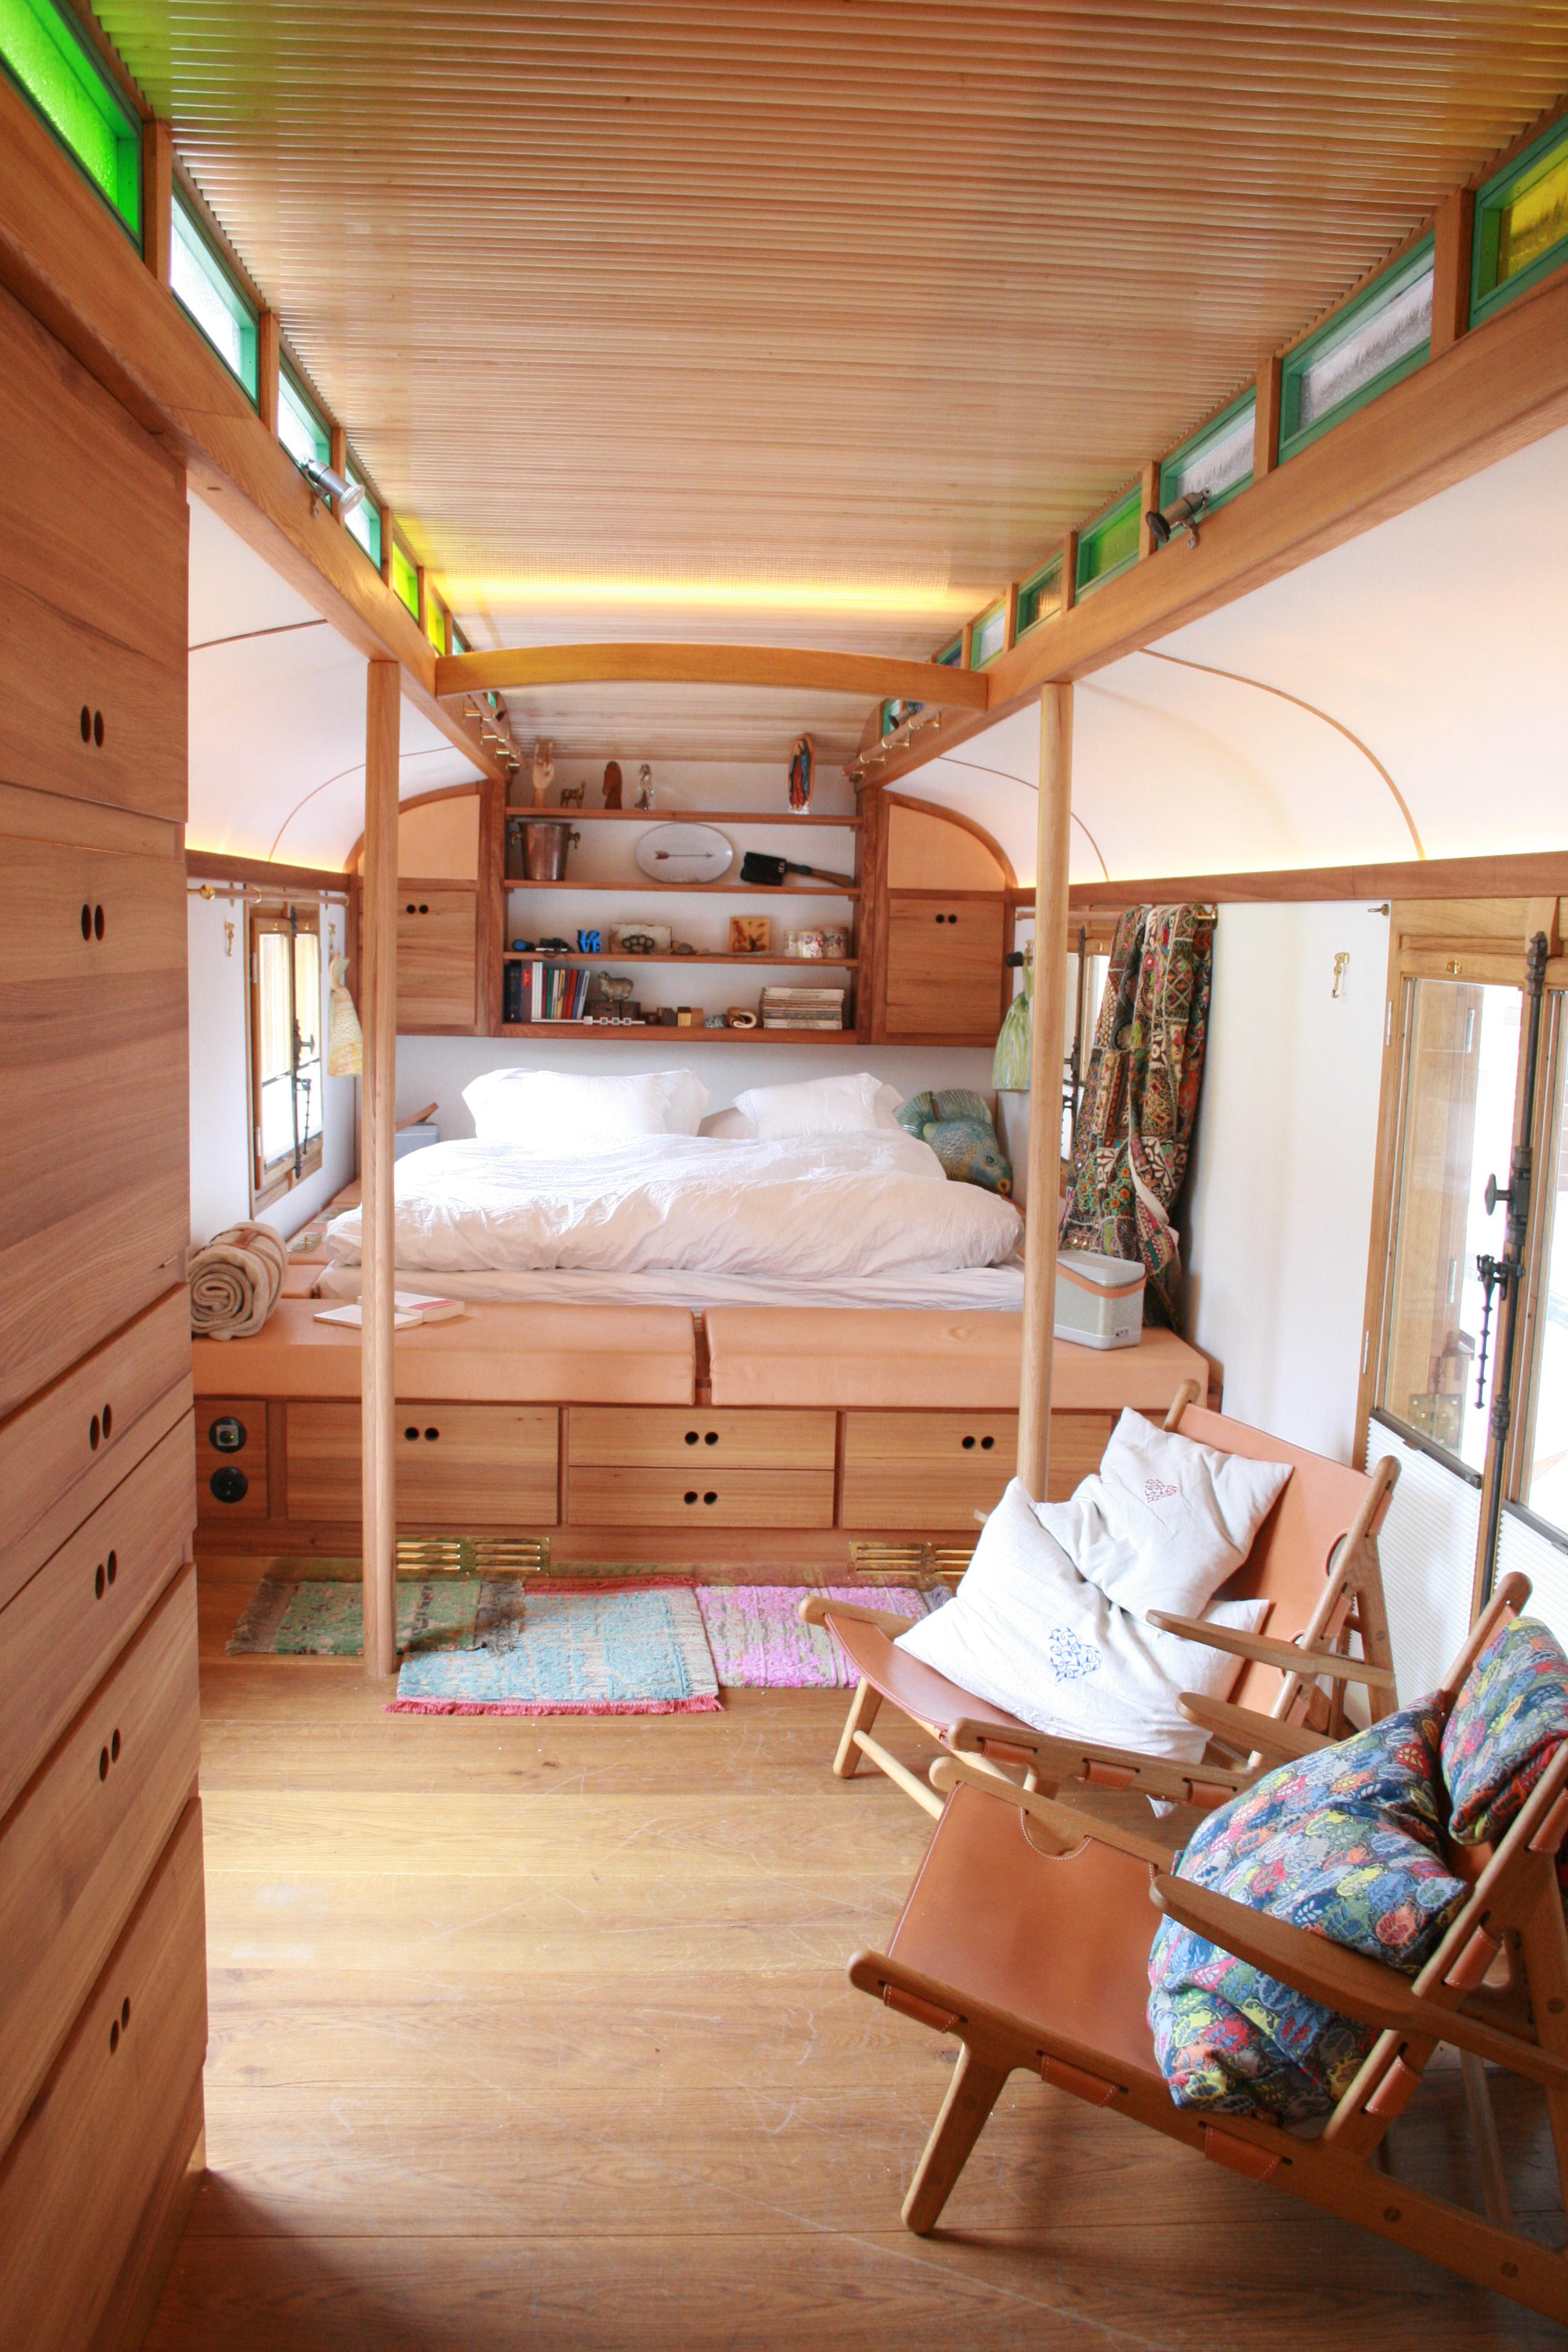 umgebauter zirkuswagen my home is my horst. Black Bedroom Furniture Sets. Home Design Ideas